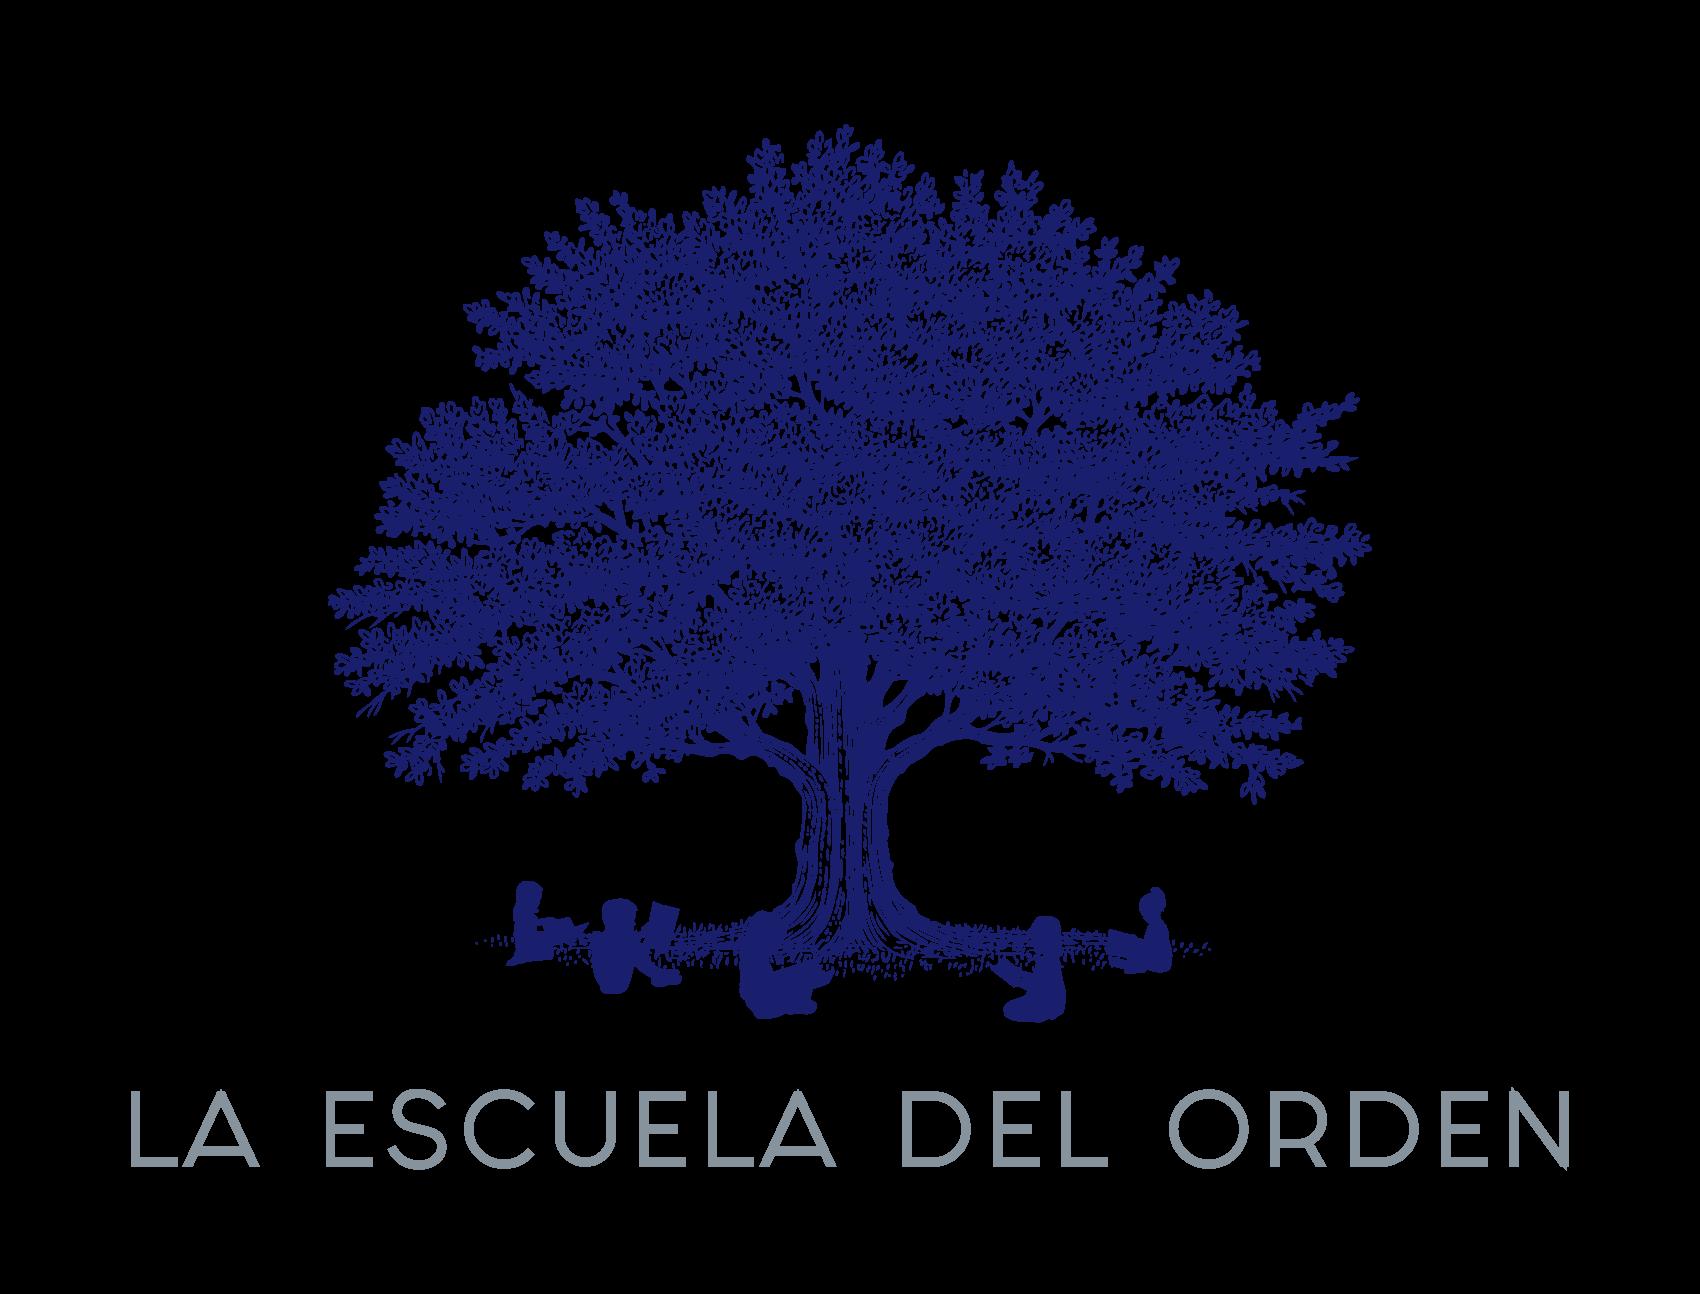 La Escuela del Orden